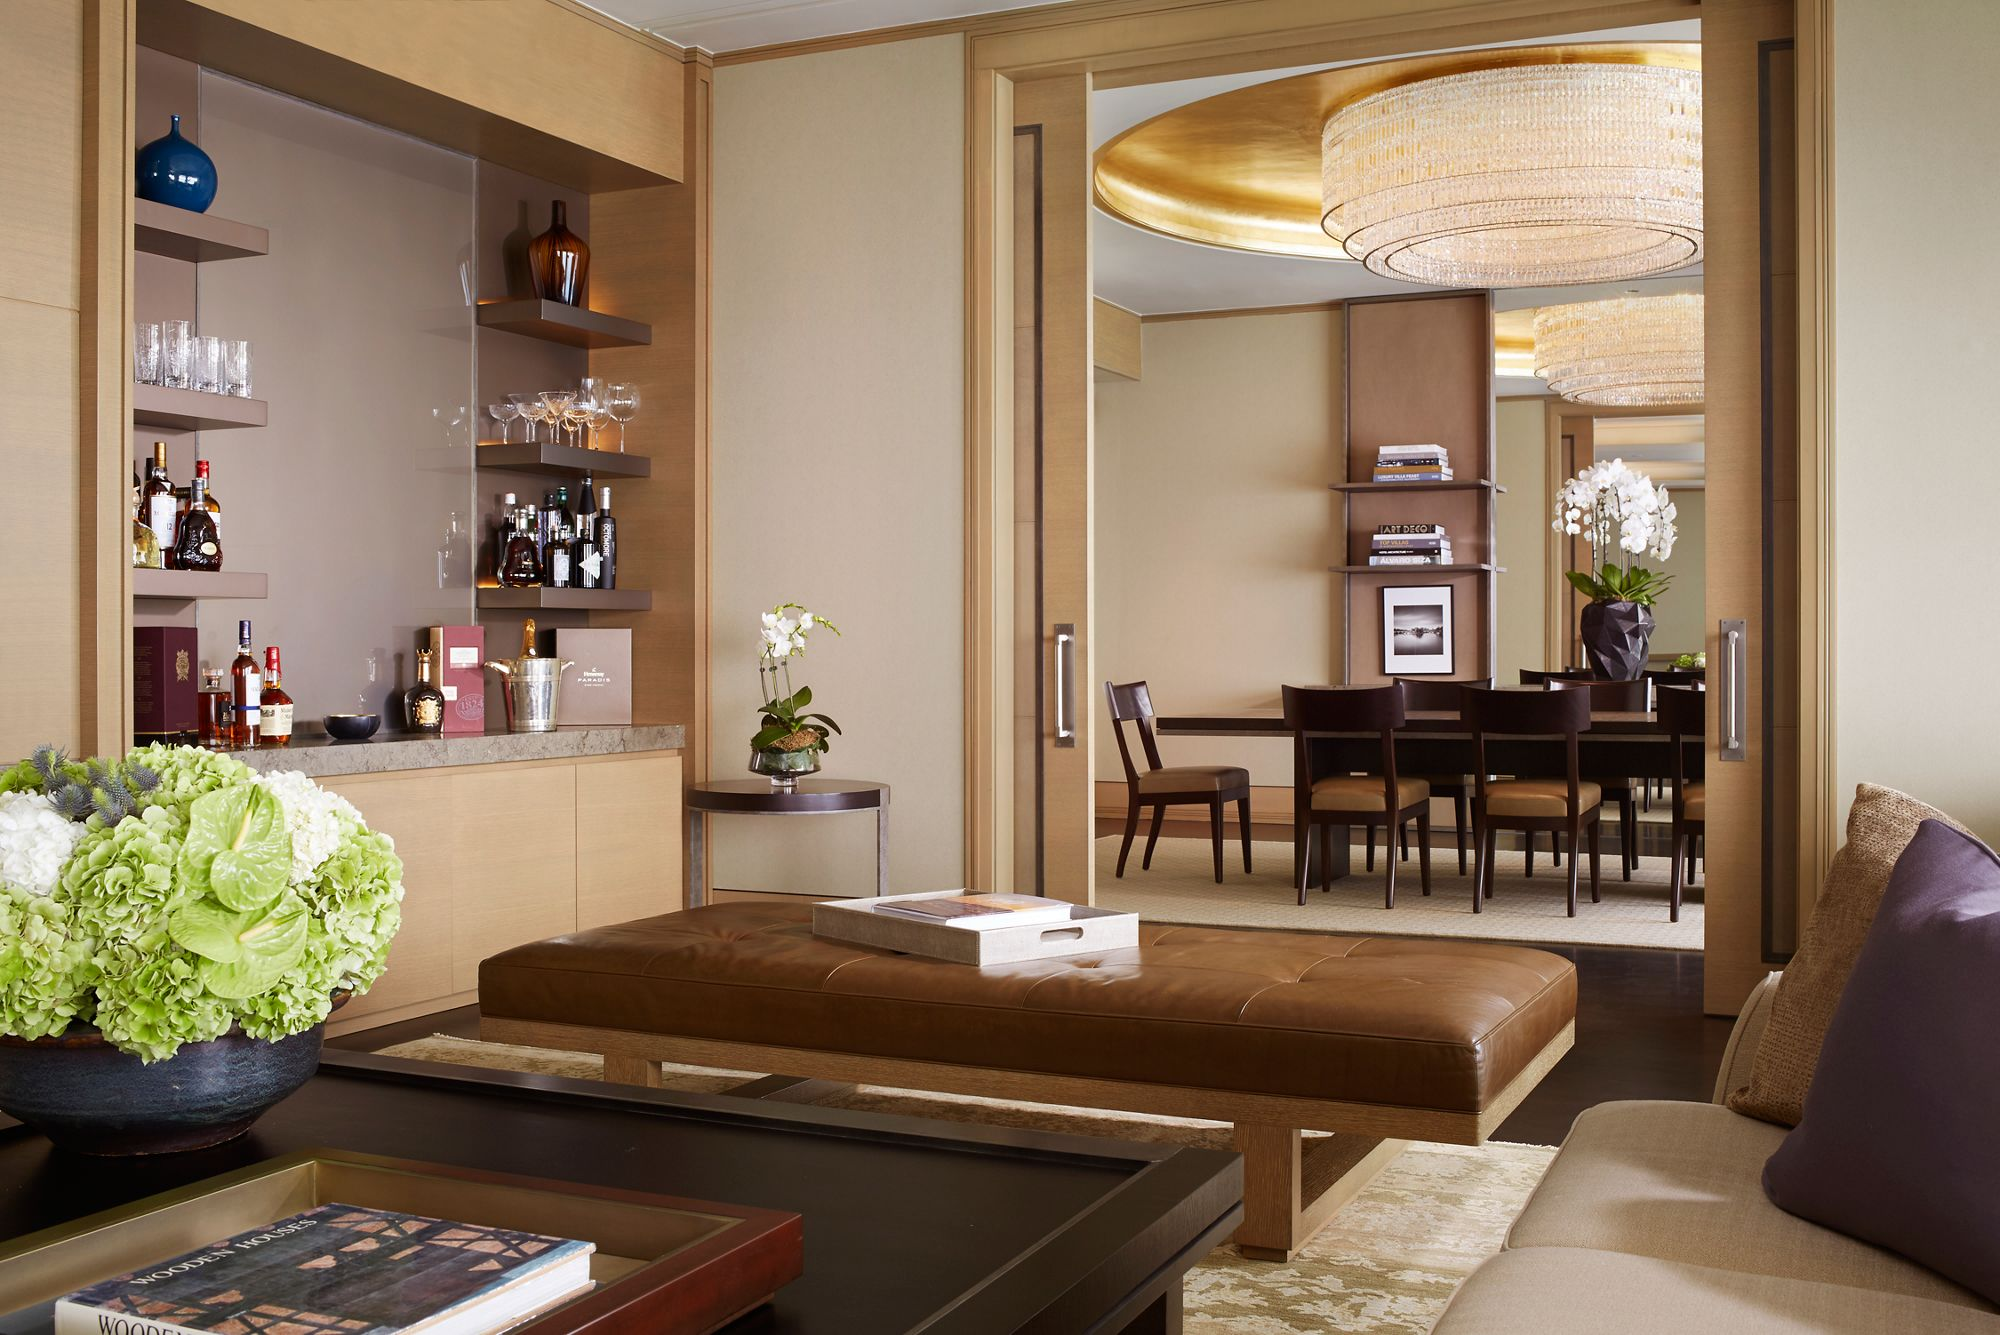 The Ritz Suite Carlton Singapore